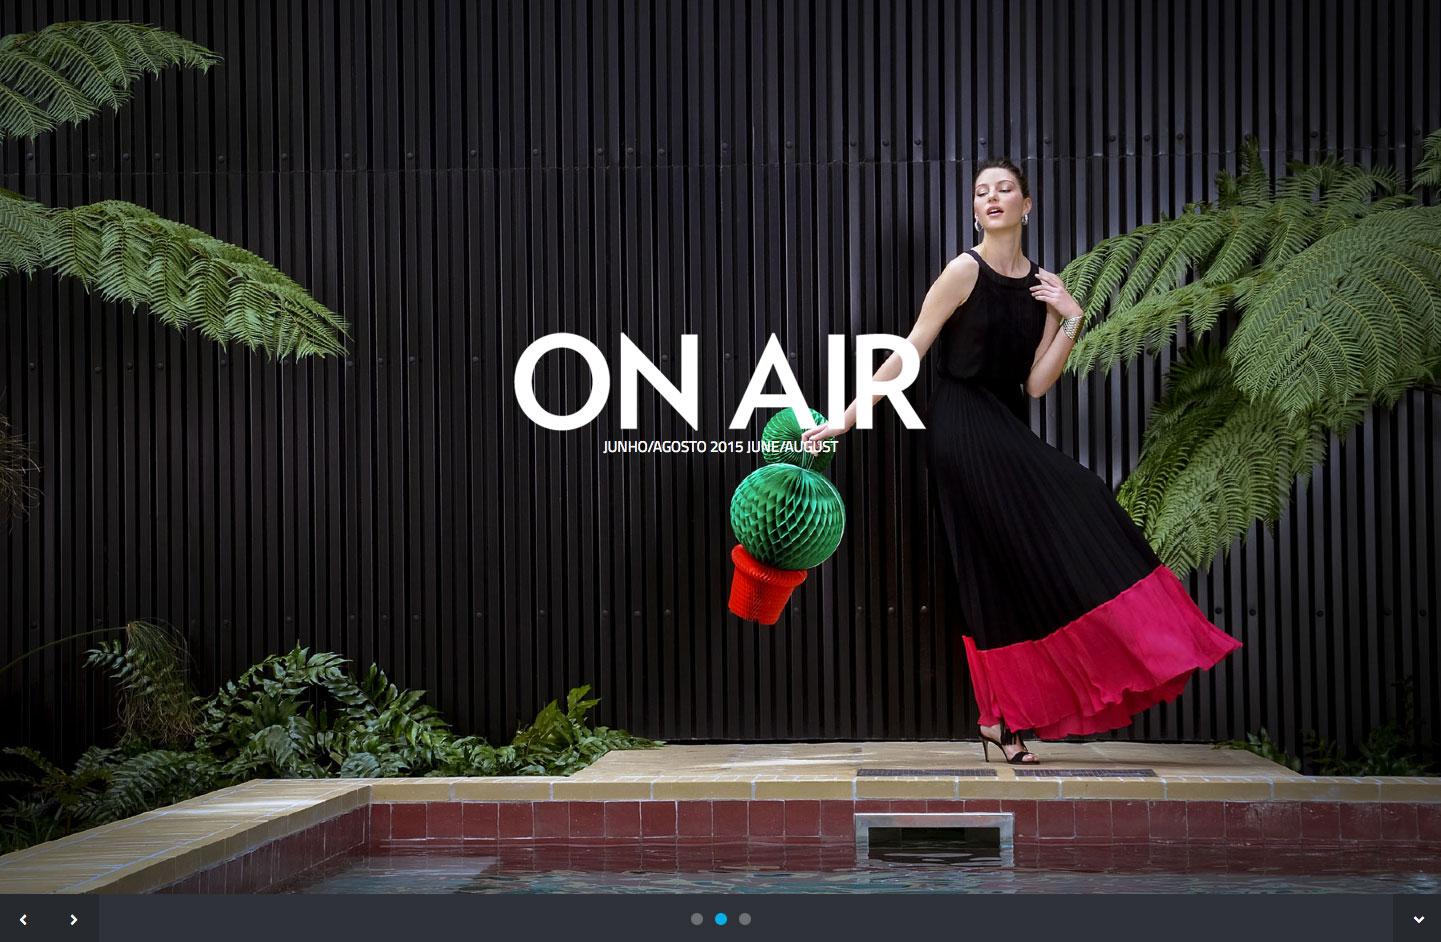 ON AIR junho 2015 - site